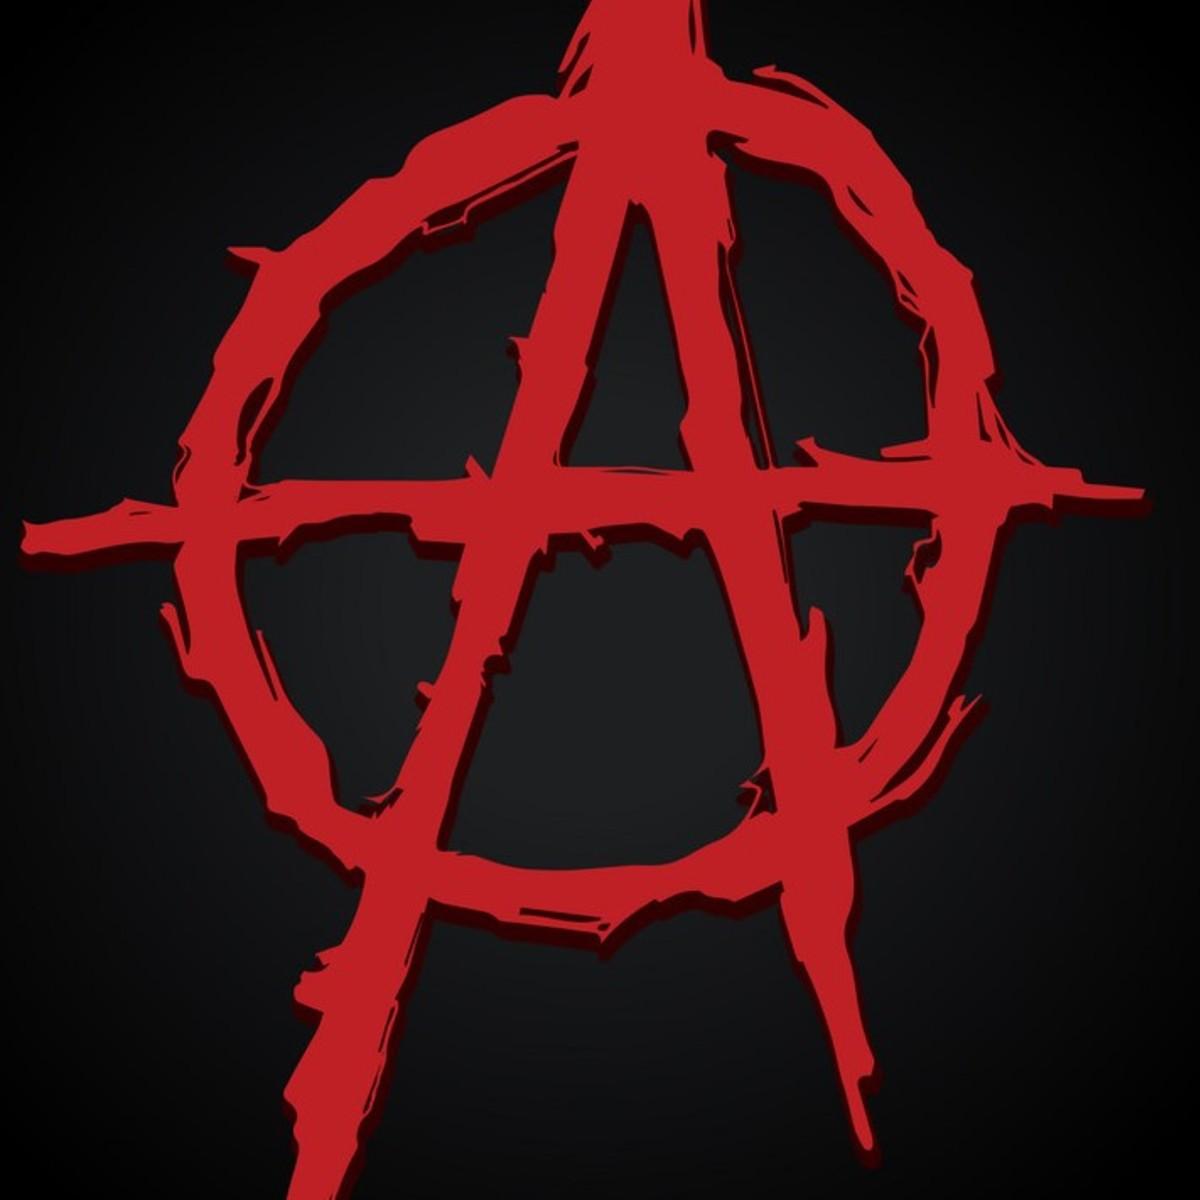 Символ анархии картинки